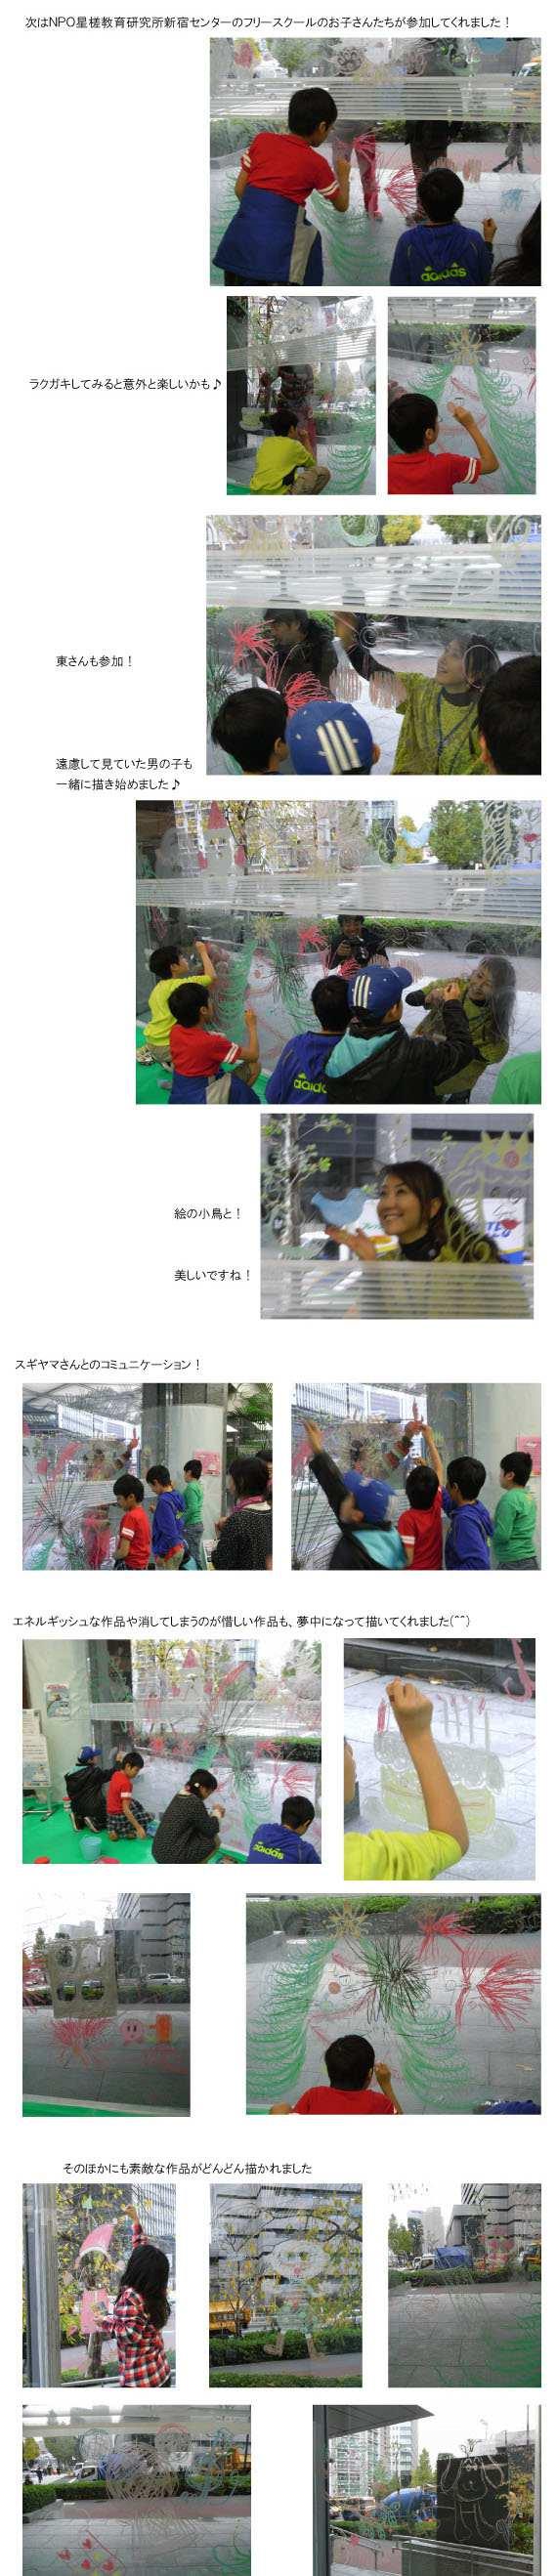 Get in touch!イベント「みんなで<大>ラクガキ」にキットパスで参加しました          (2011年12月1〜3日)